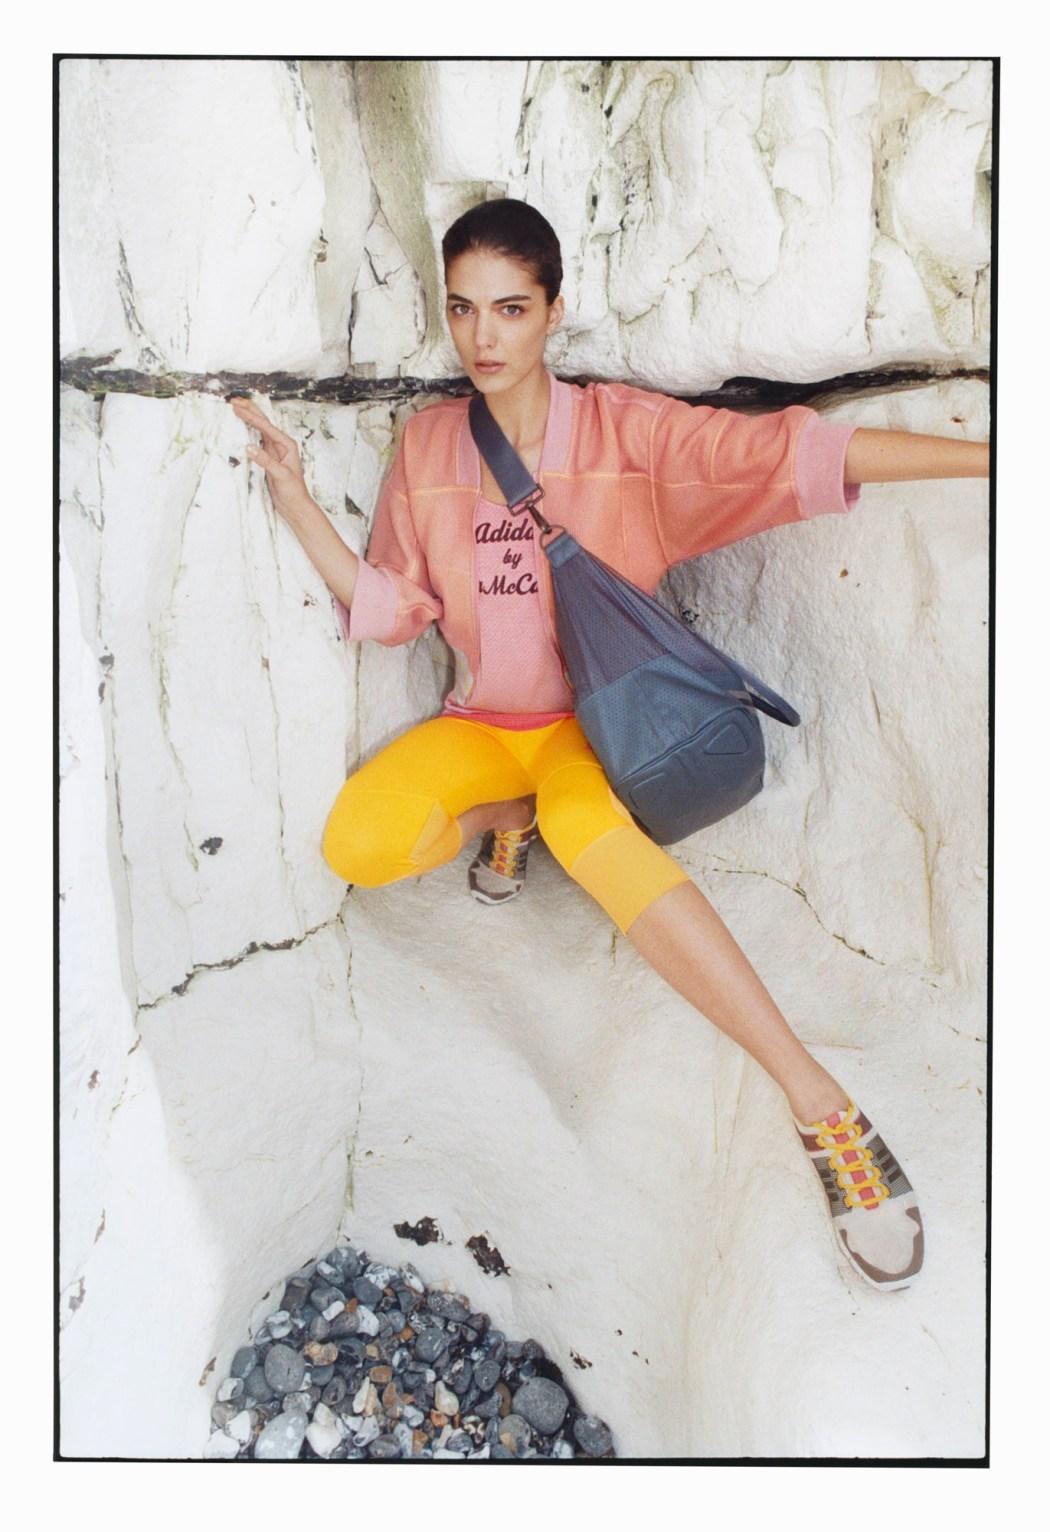 Studio健身房系列 粉橘雙色飛行夾克$9,200_logo雙面穿背心$2,600_亮黃色運動緊身七分褲$2,400_皆3月上市